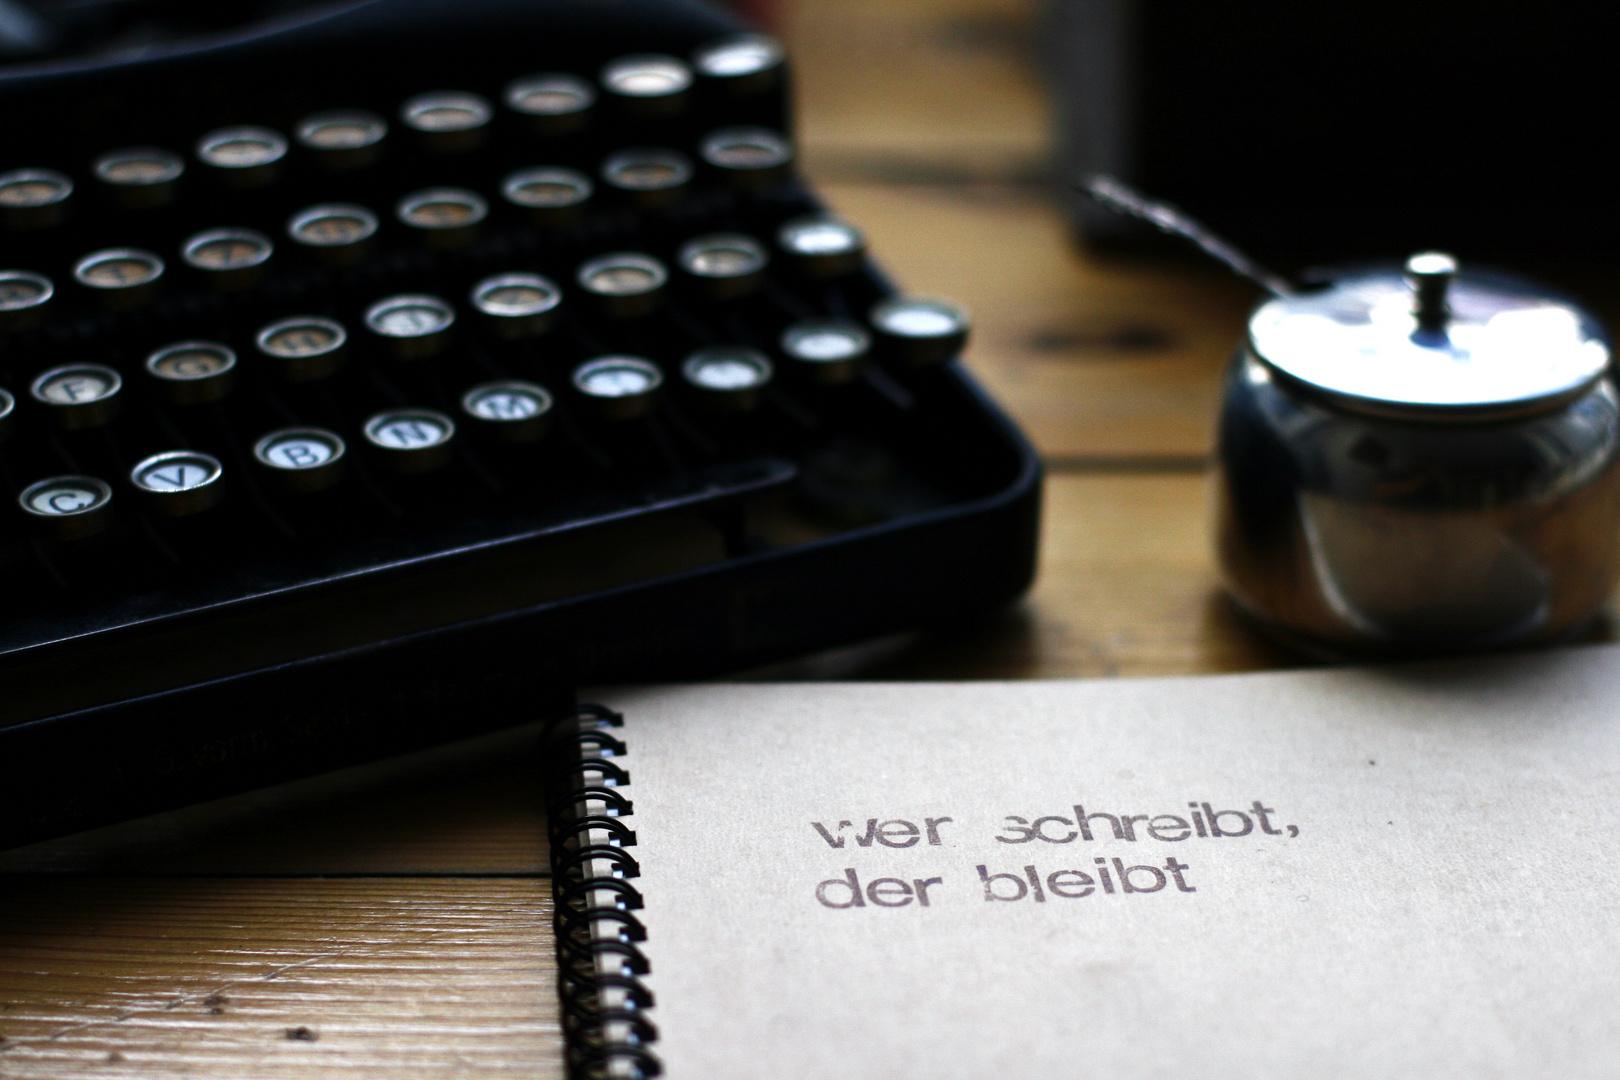 Wer schreibt, der bleibt!